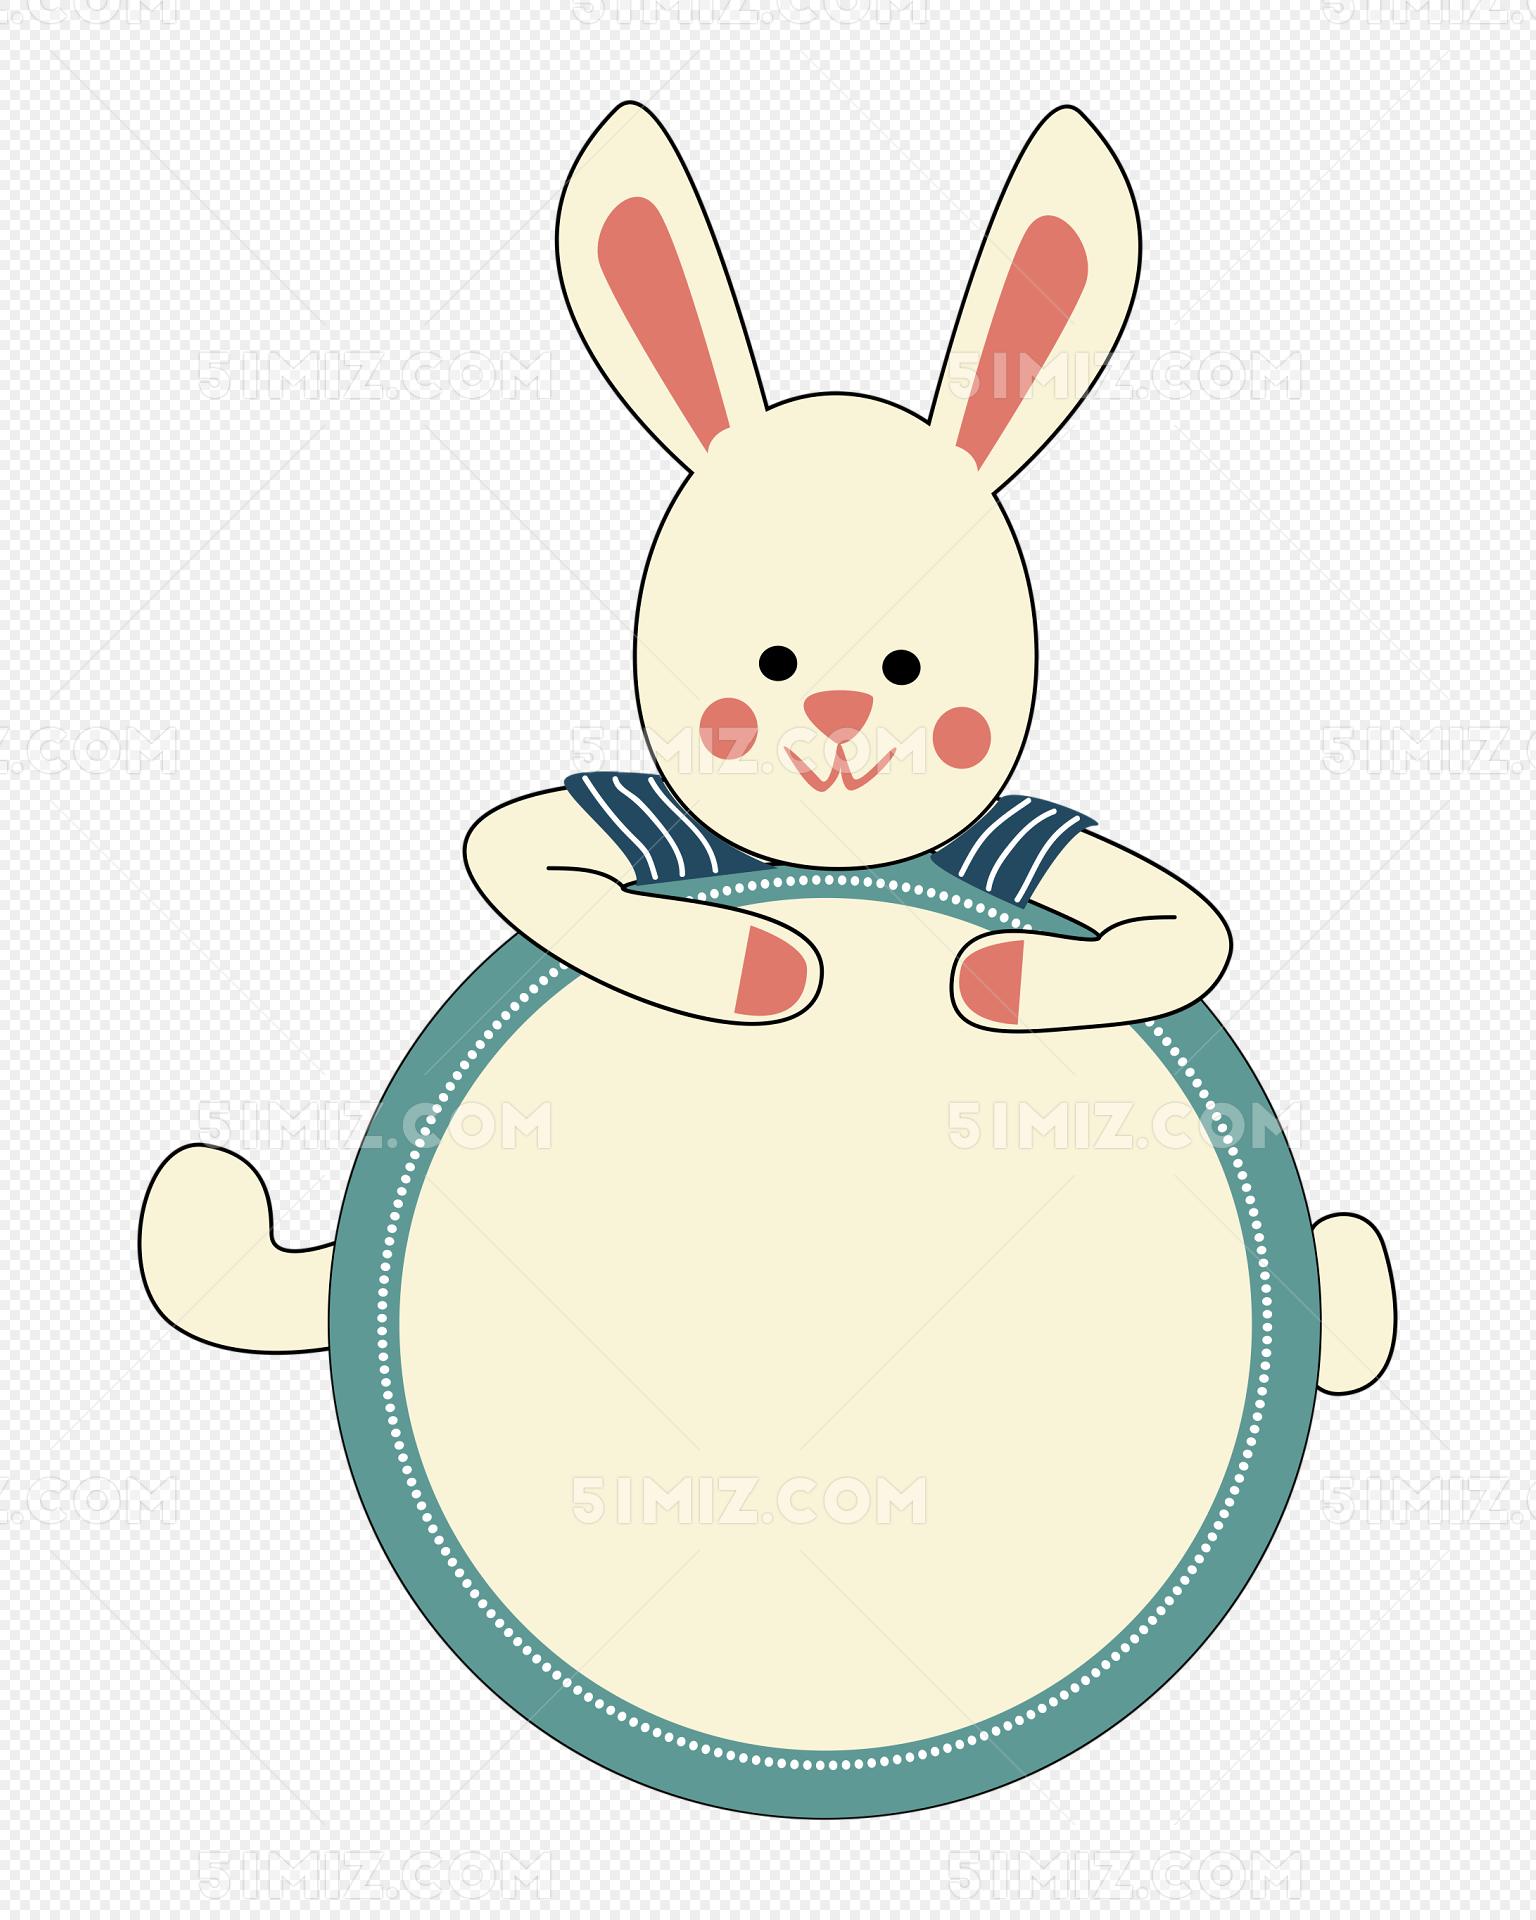 兔子边框矢量